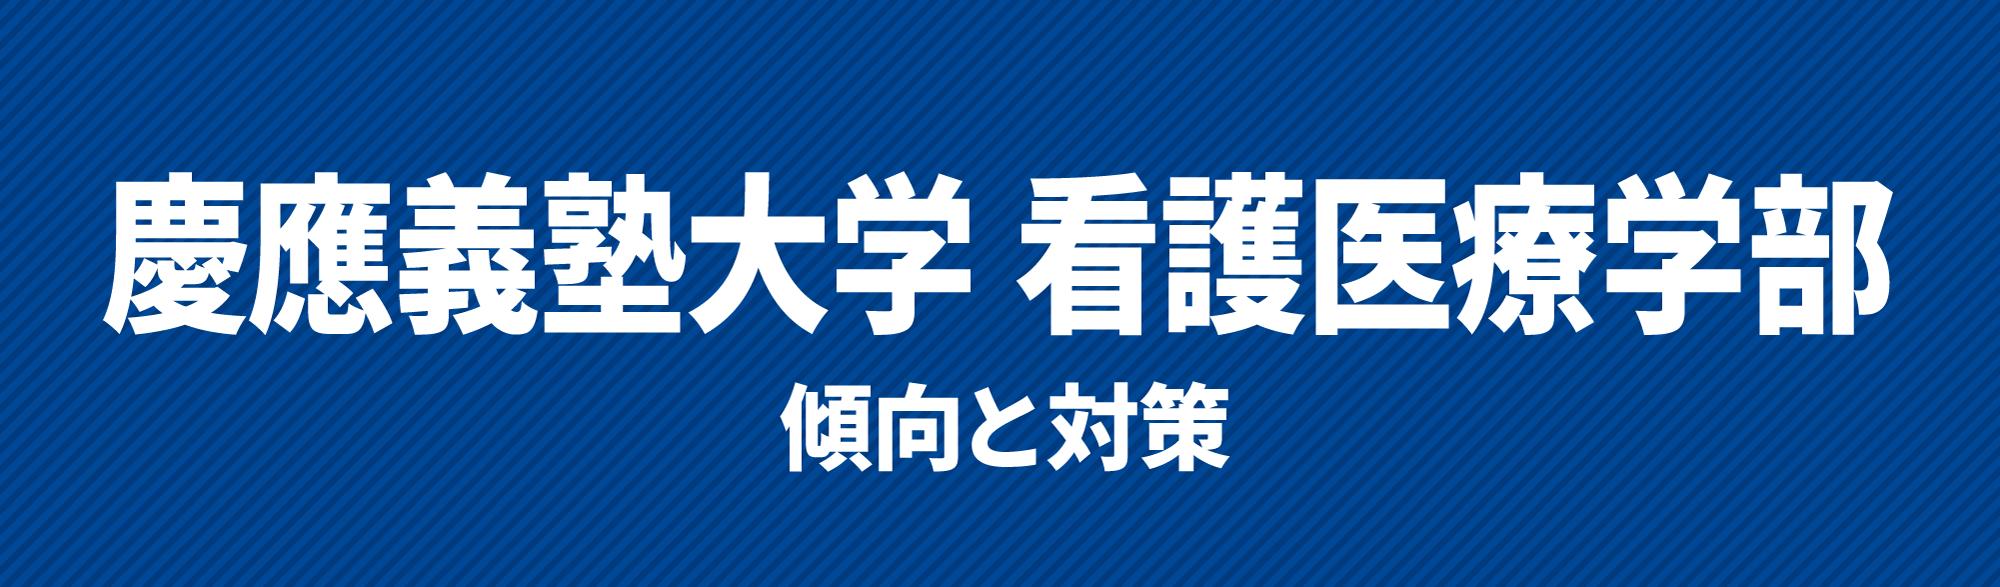 慶應義塾大学看護医療学部傾向と対策